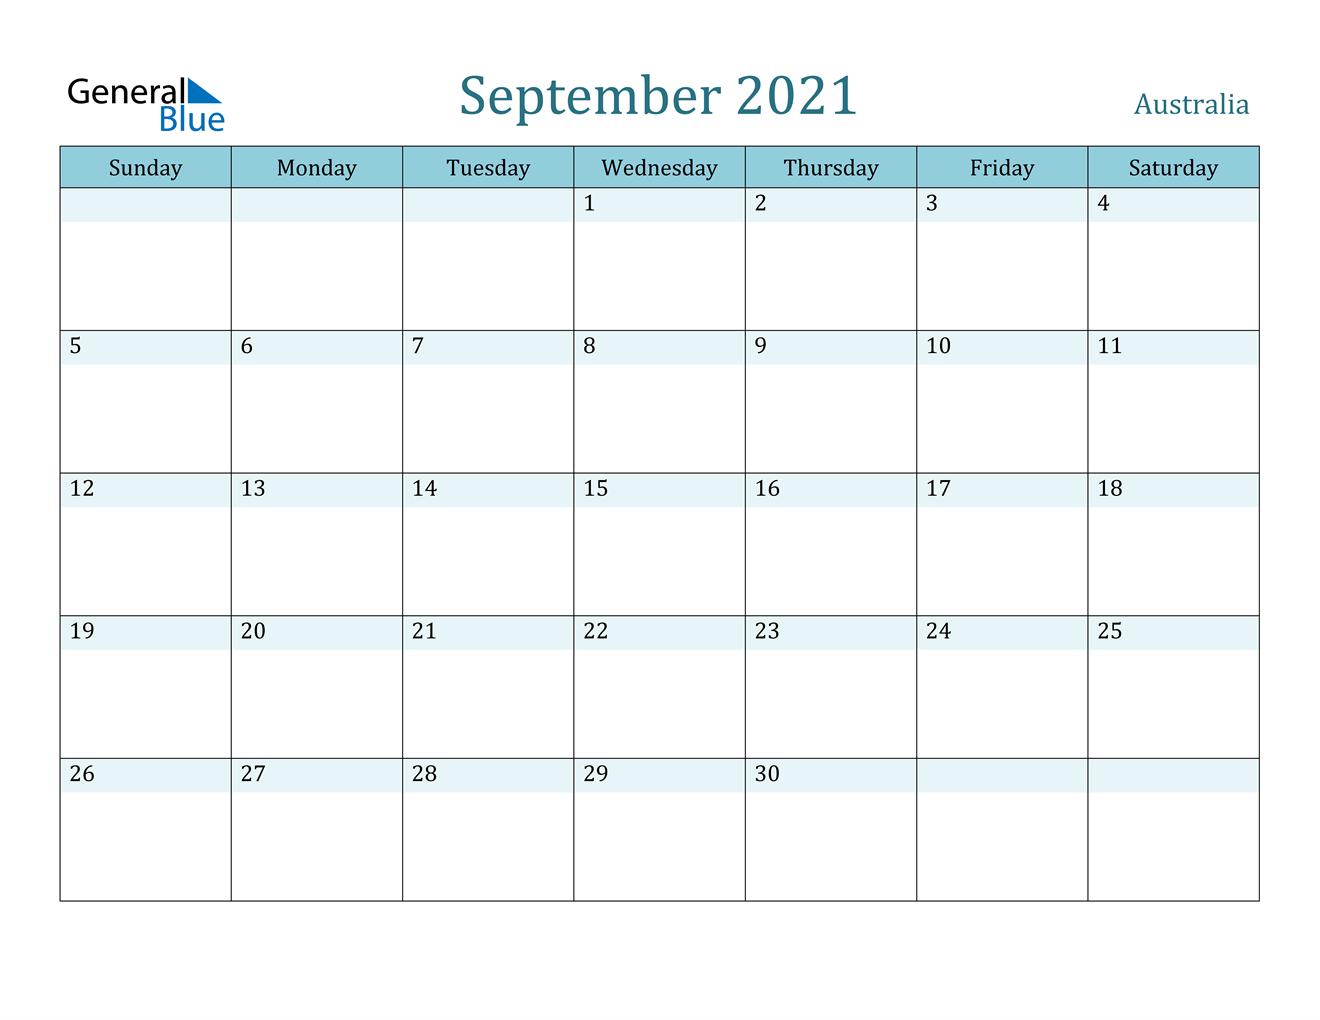 September 2021 Calendar - Australia